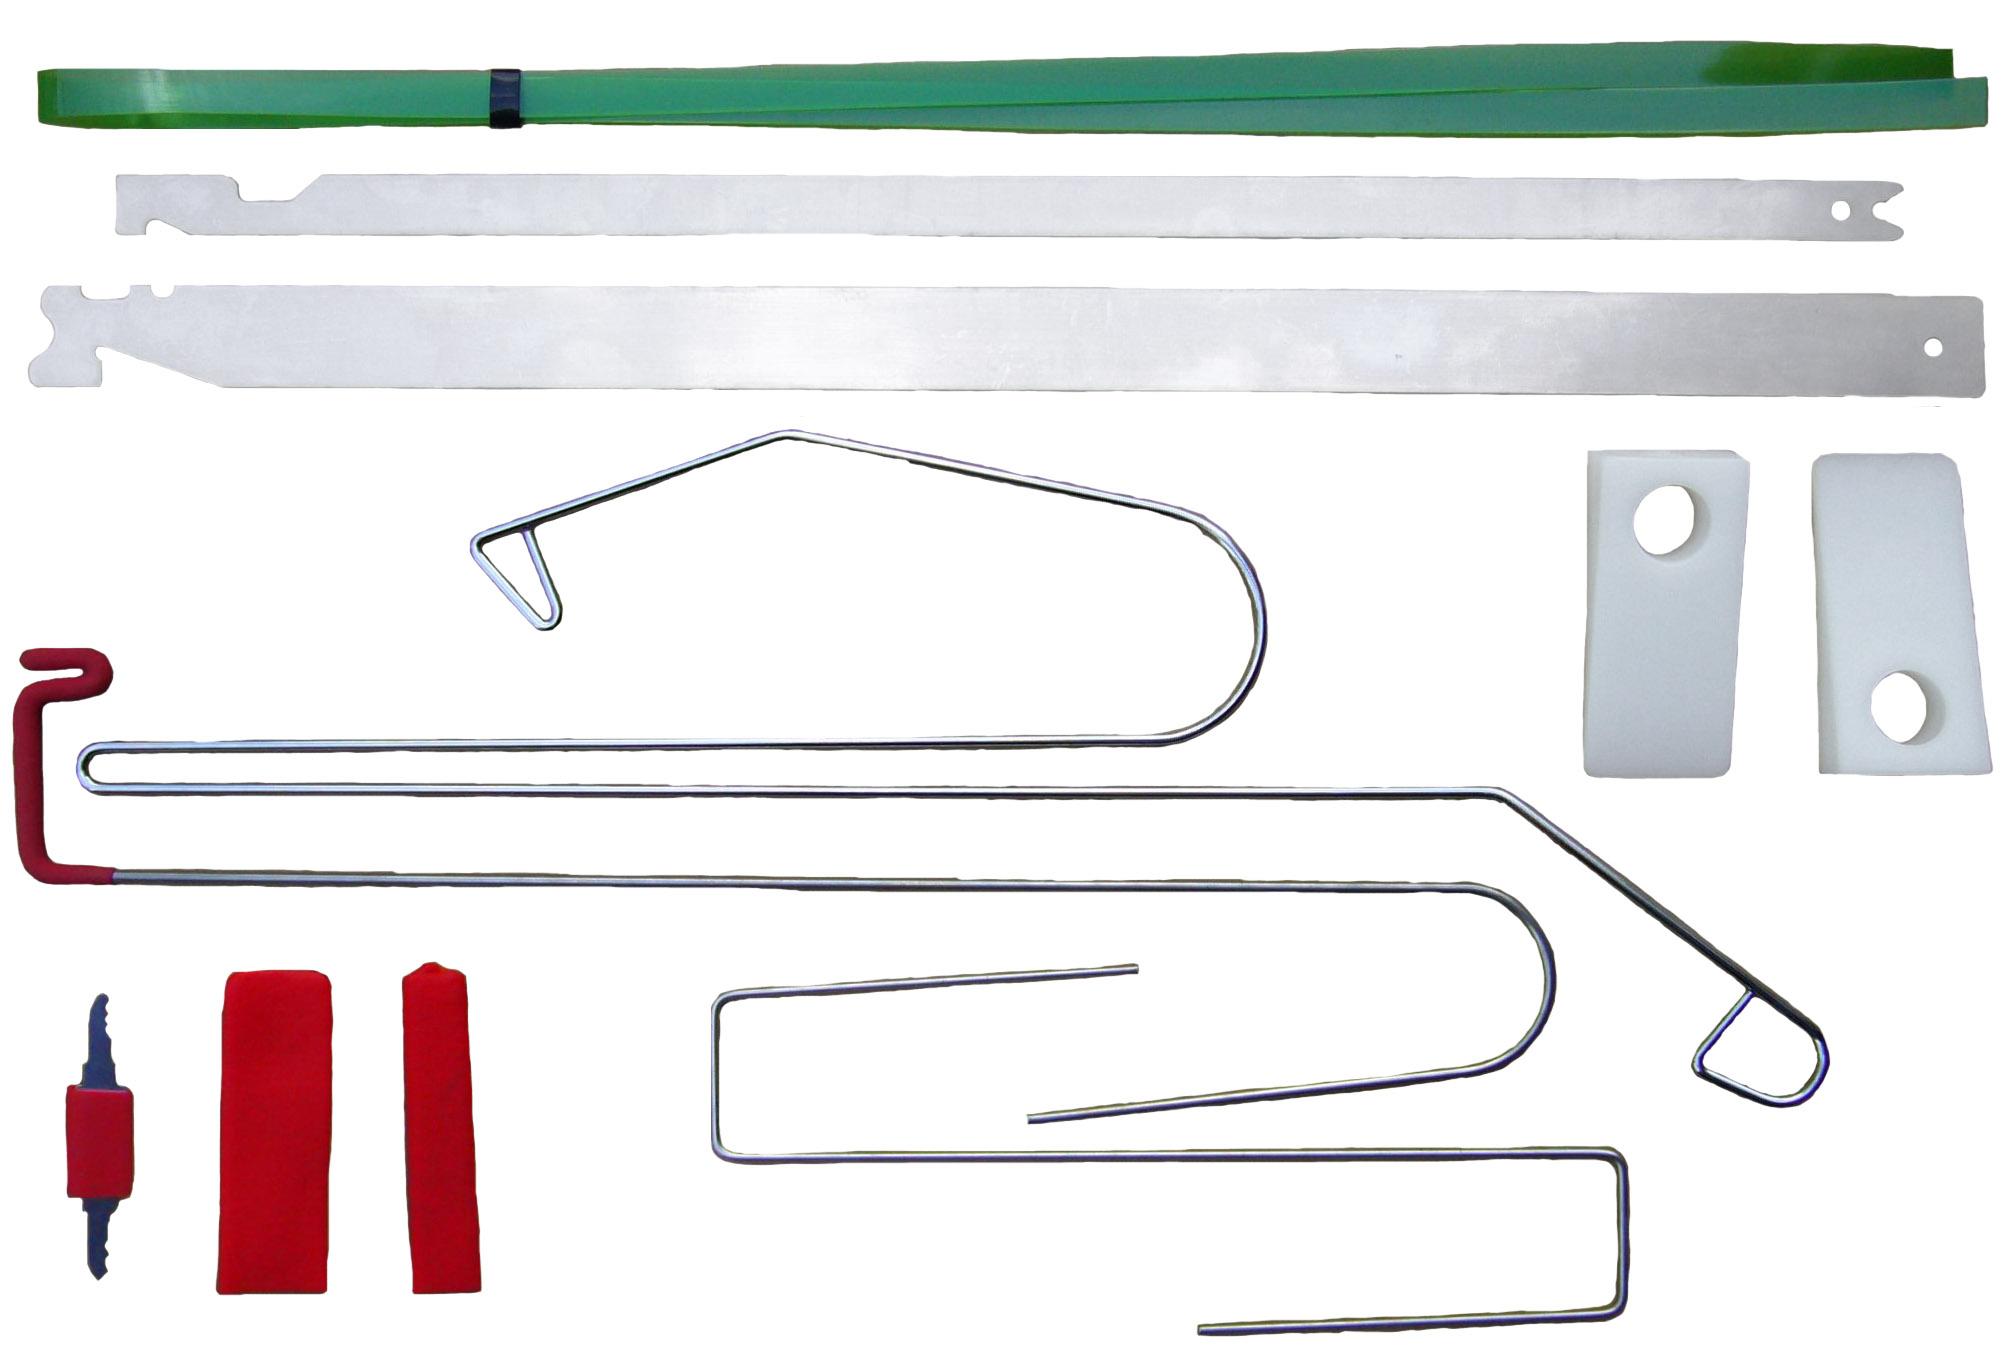 Universaltüröffnungs-Set, 9-teilig KUNZER (7OES12)